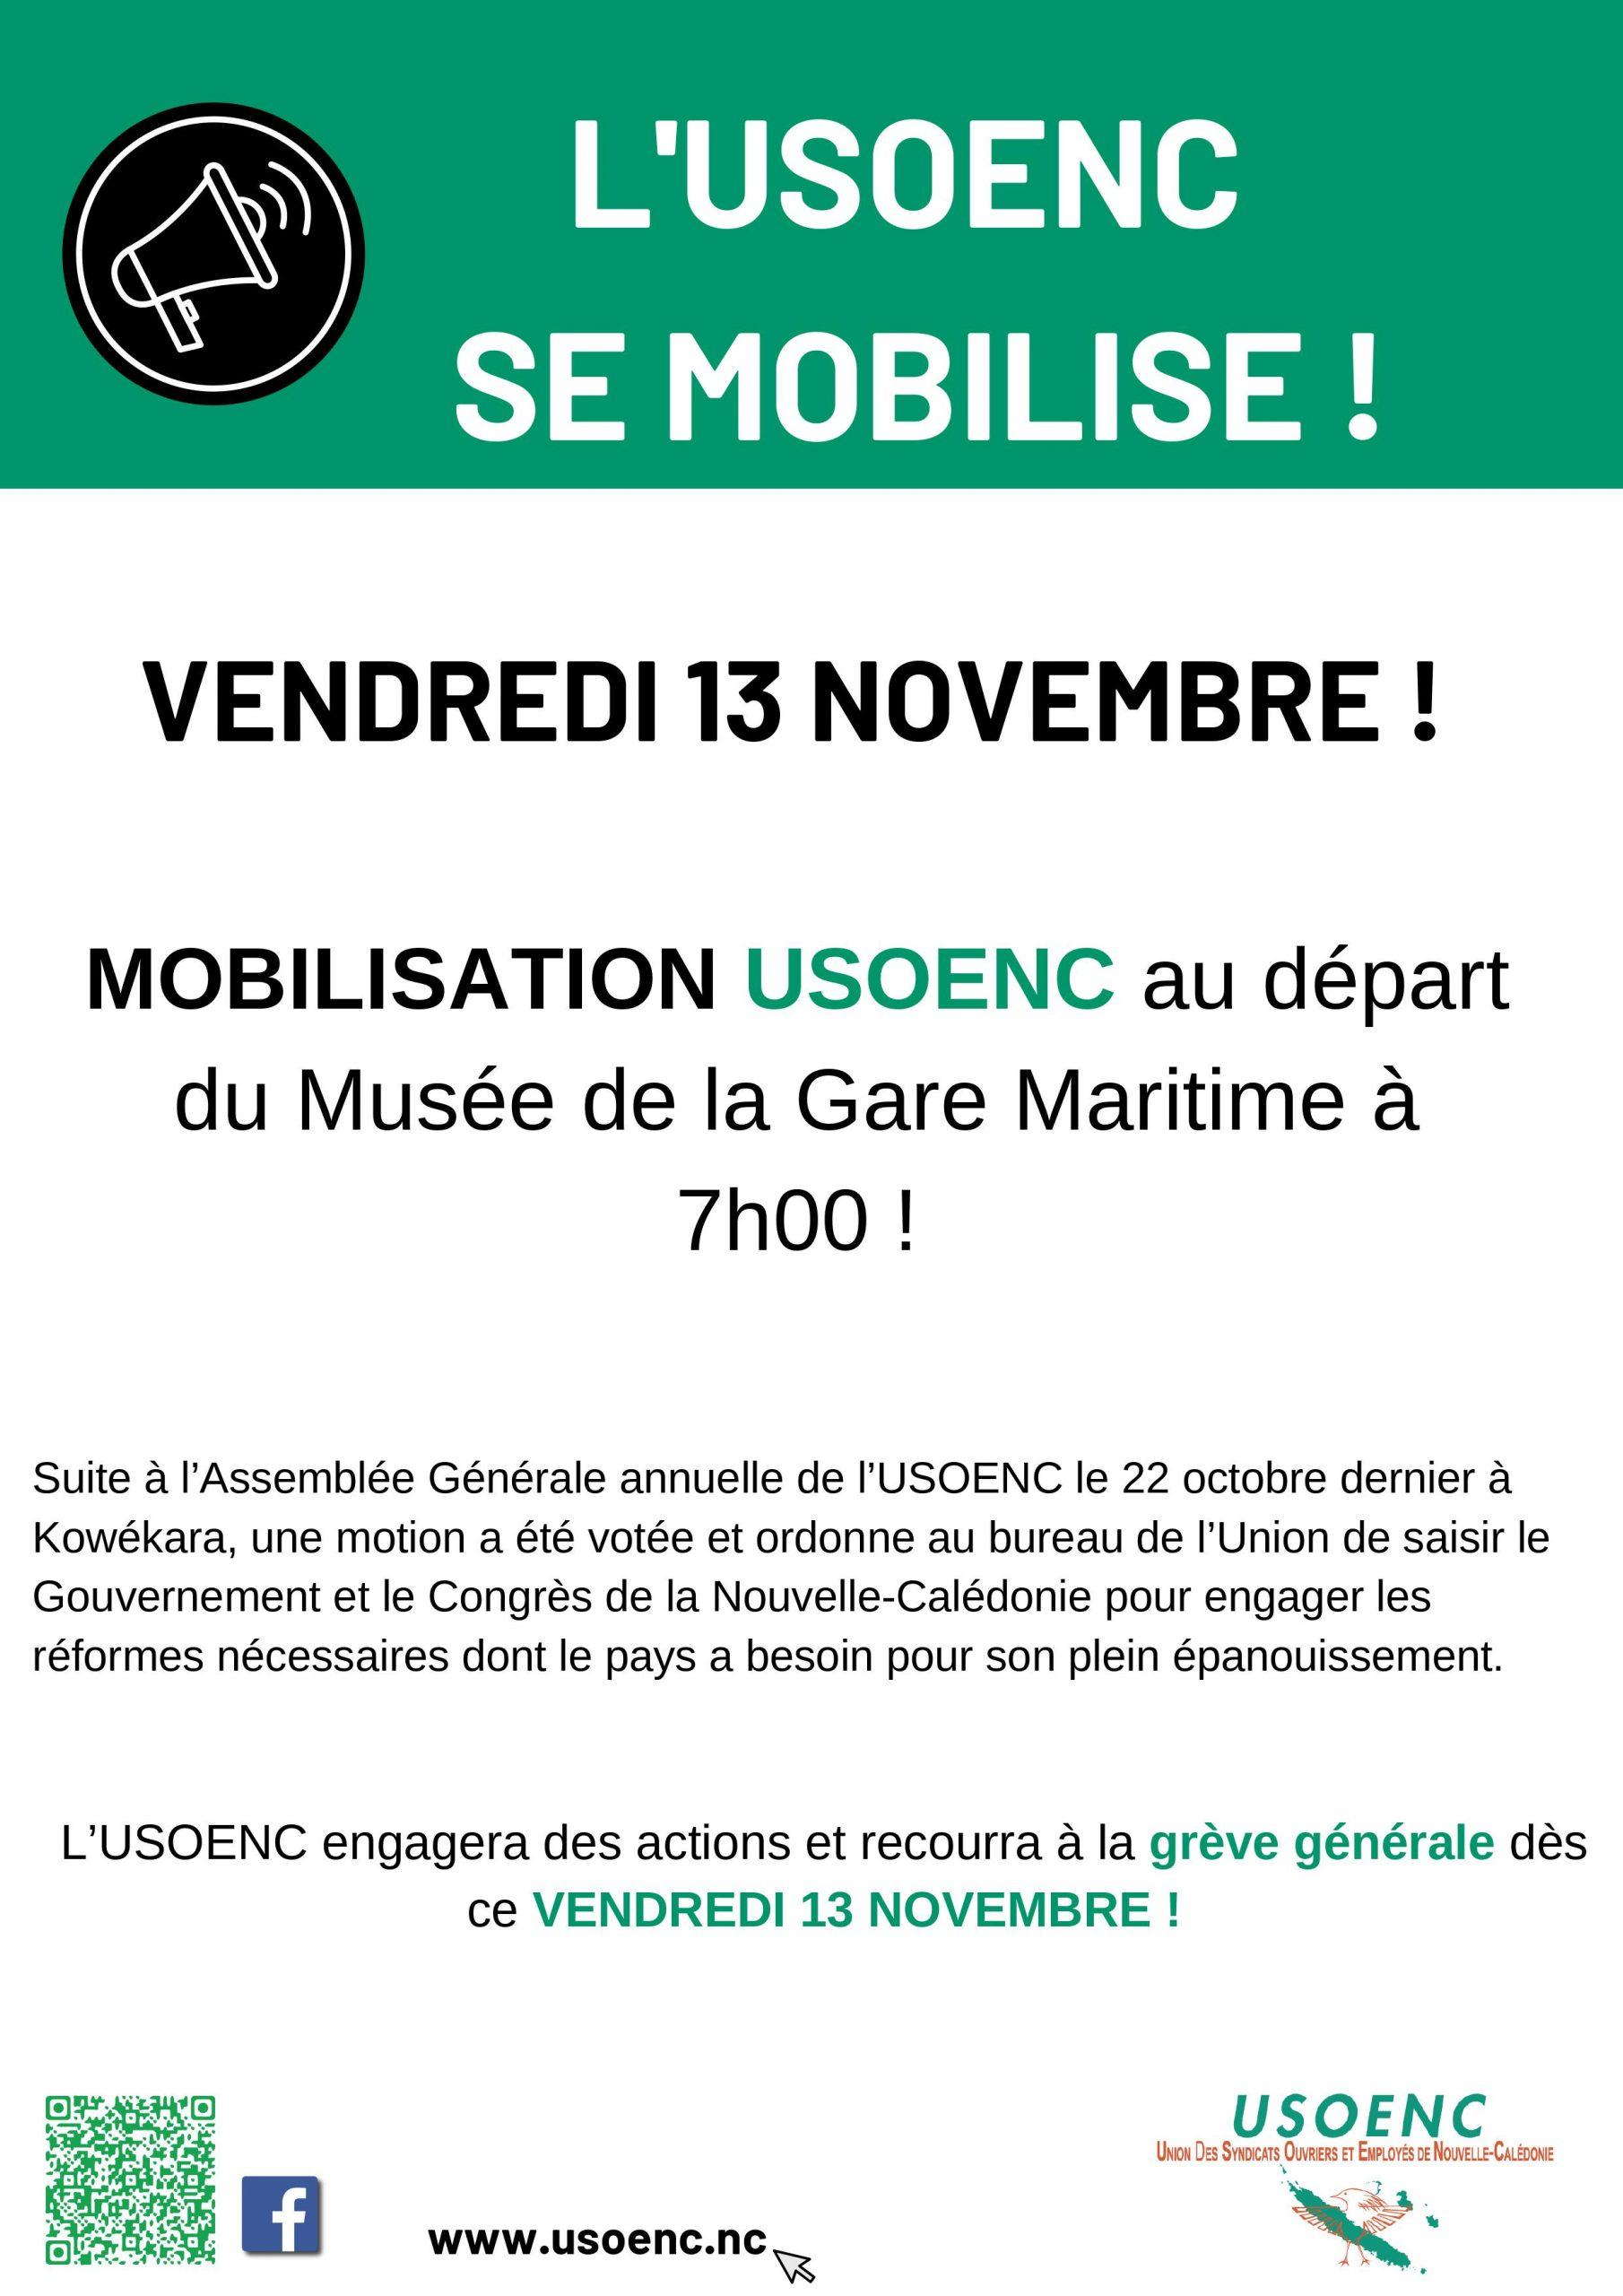 L'USOENC se mobilise, le vendredi 13 novembre !